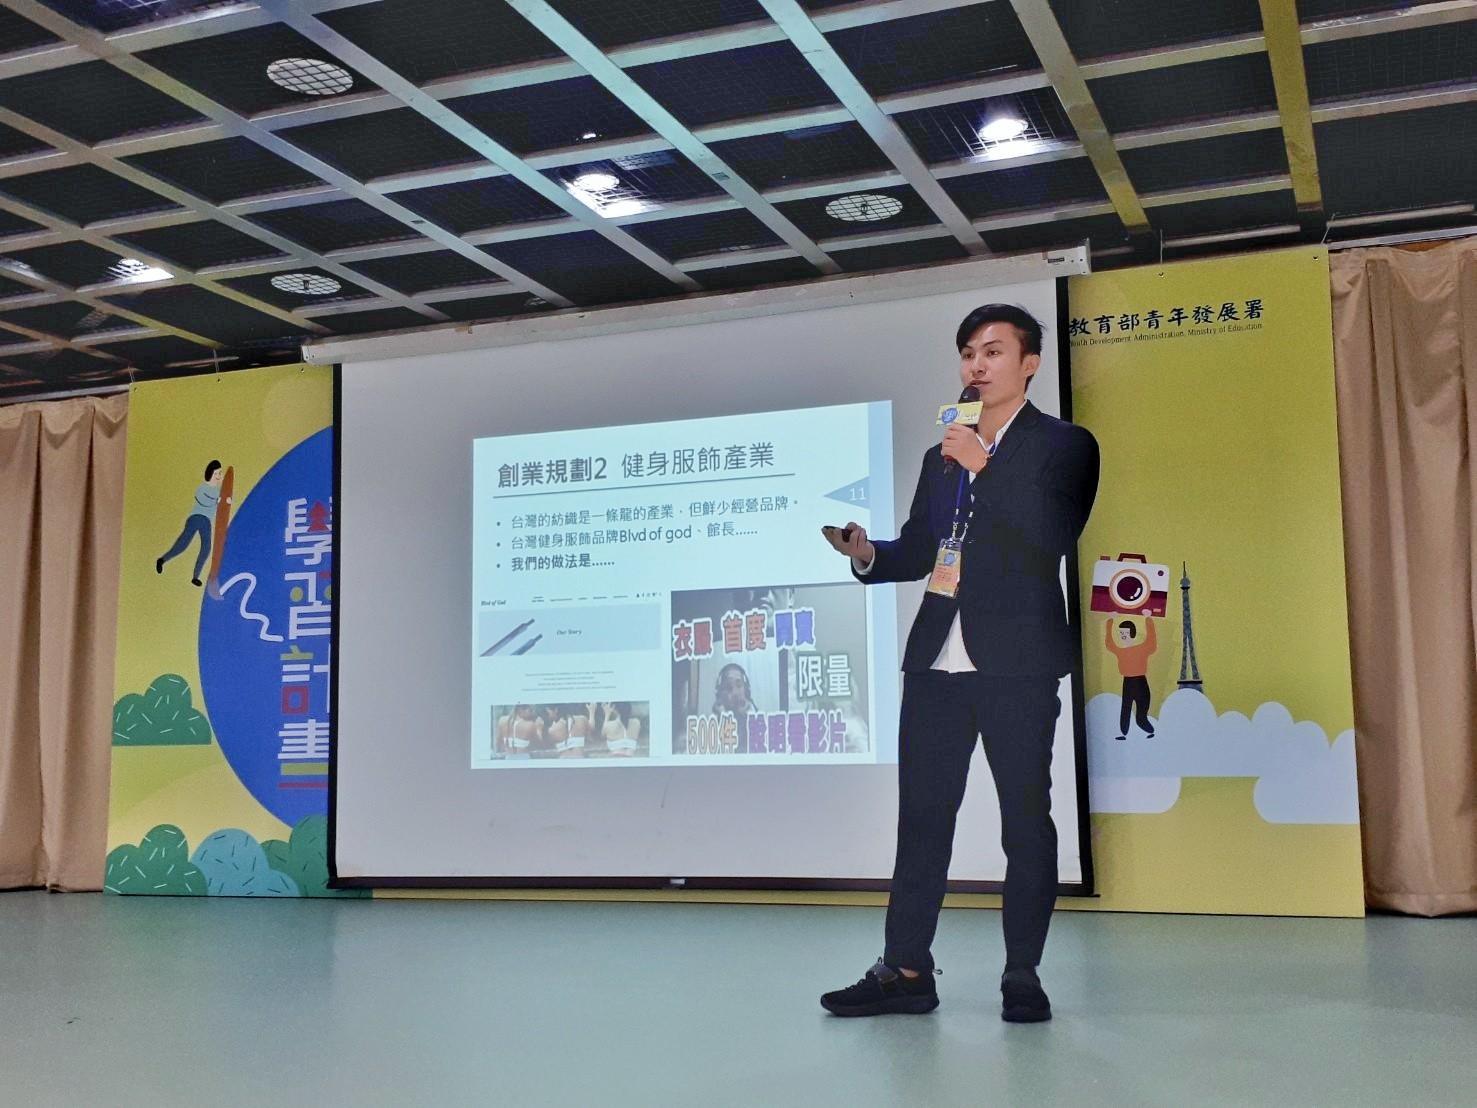 (圖二) 致理科大洪子瑞說明團隊創業規劃